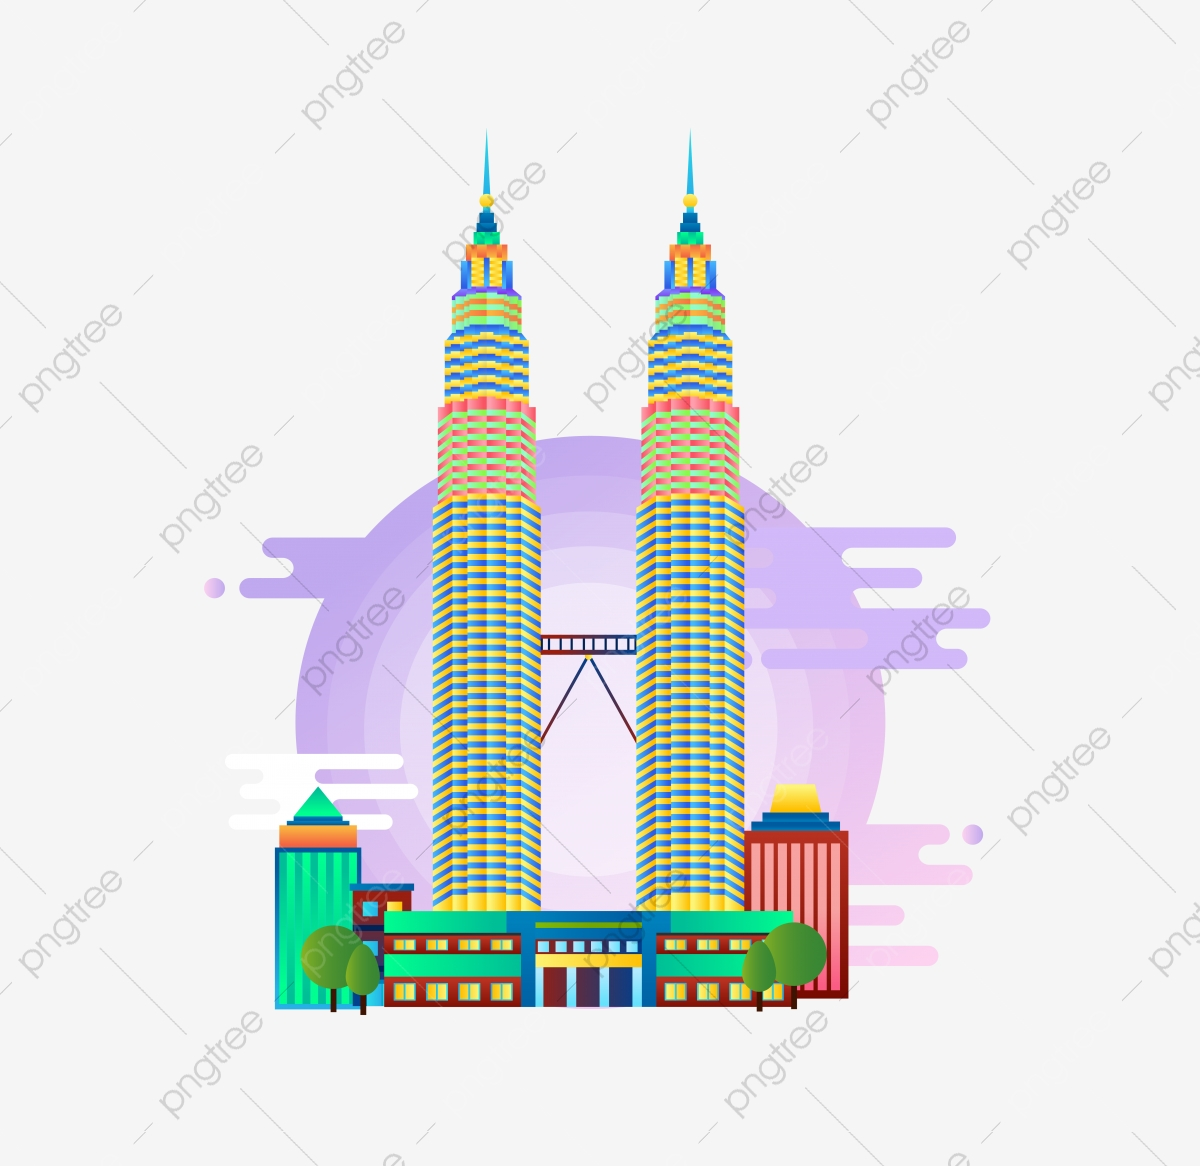 Malaysia Petronas Twin Towers Buildings Image, Environmental